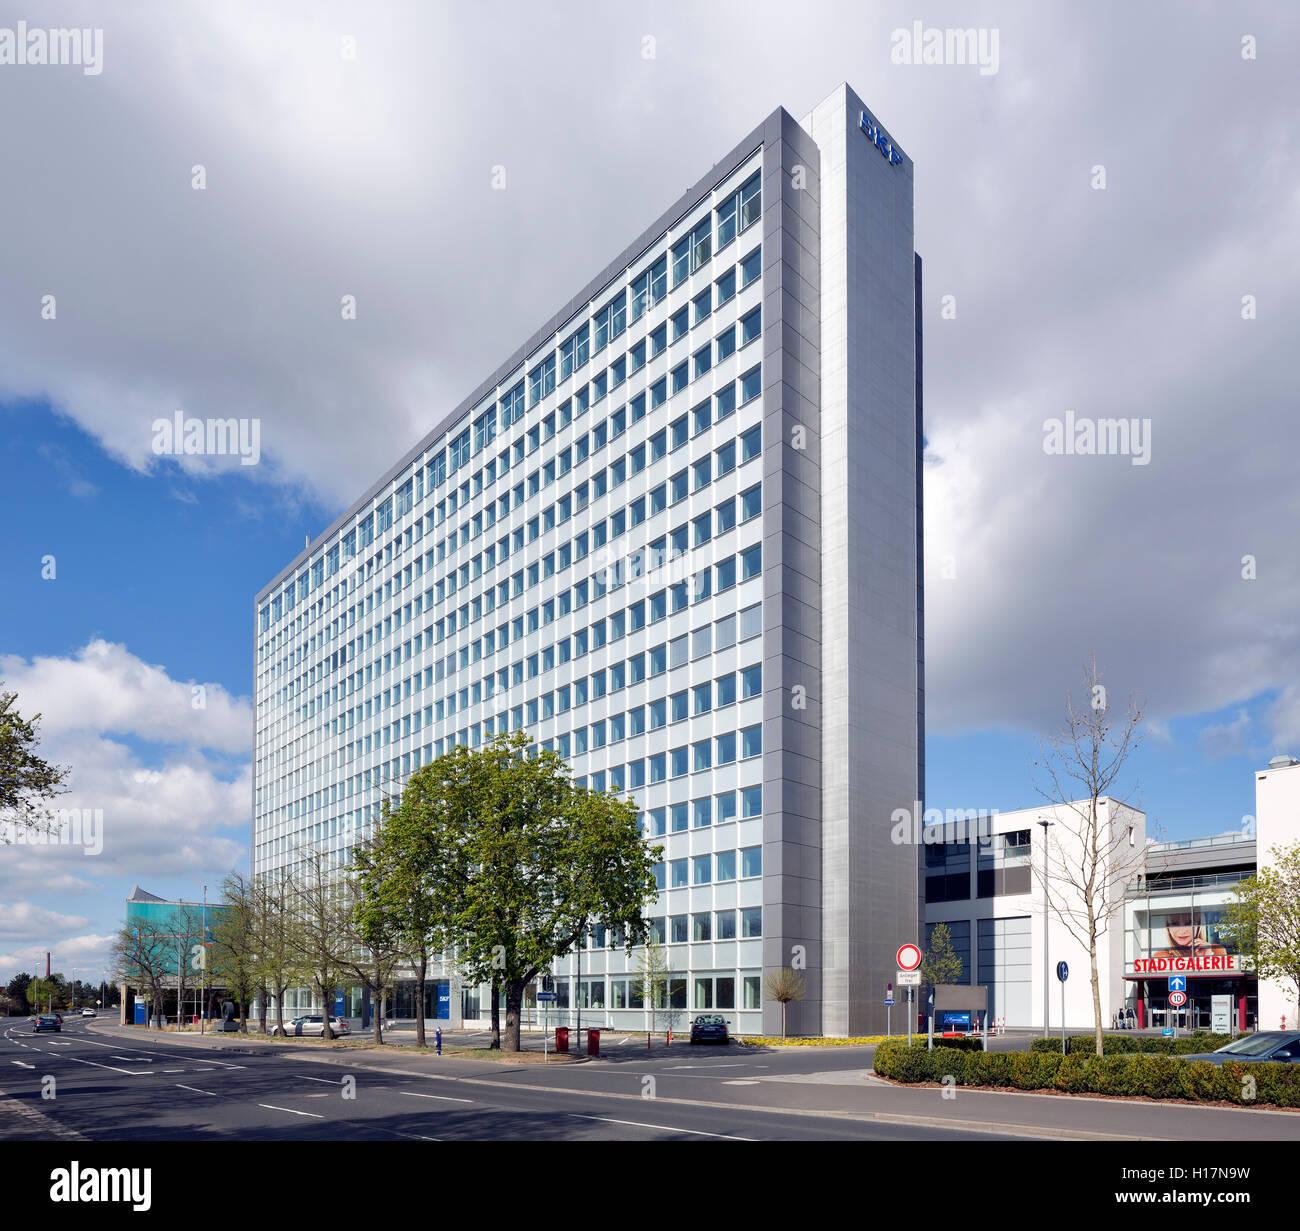 Konzernzentrale des Wälz- und Kugellagerherstellers SKF in Schweinfurt. Auf ehemaligen Produktionsgrundstücken - Stock Image